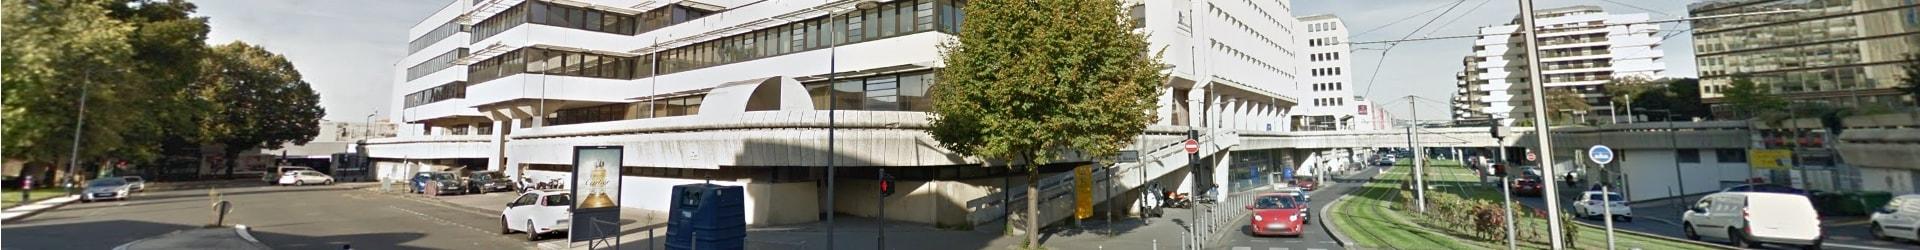 Bandeau école Adonis Bordeaux